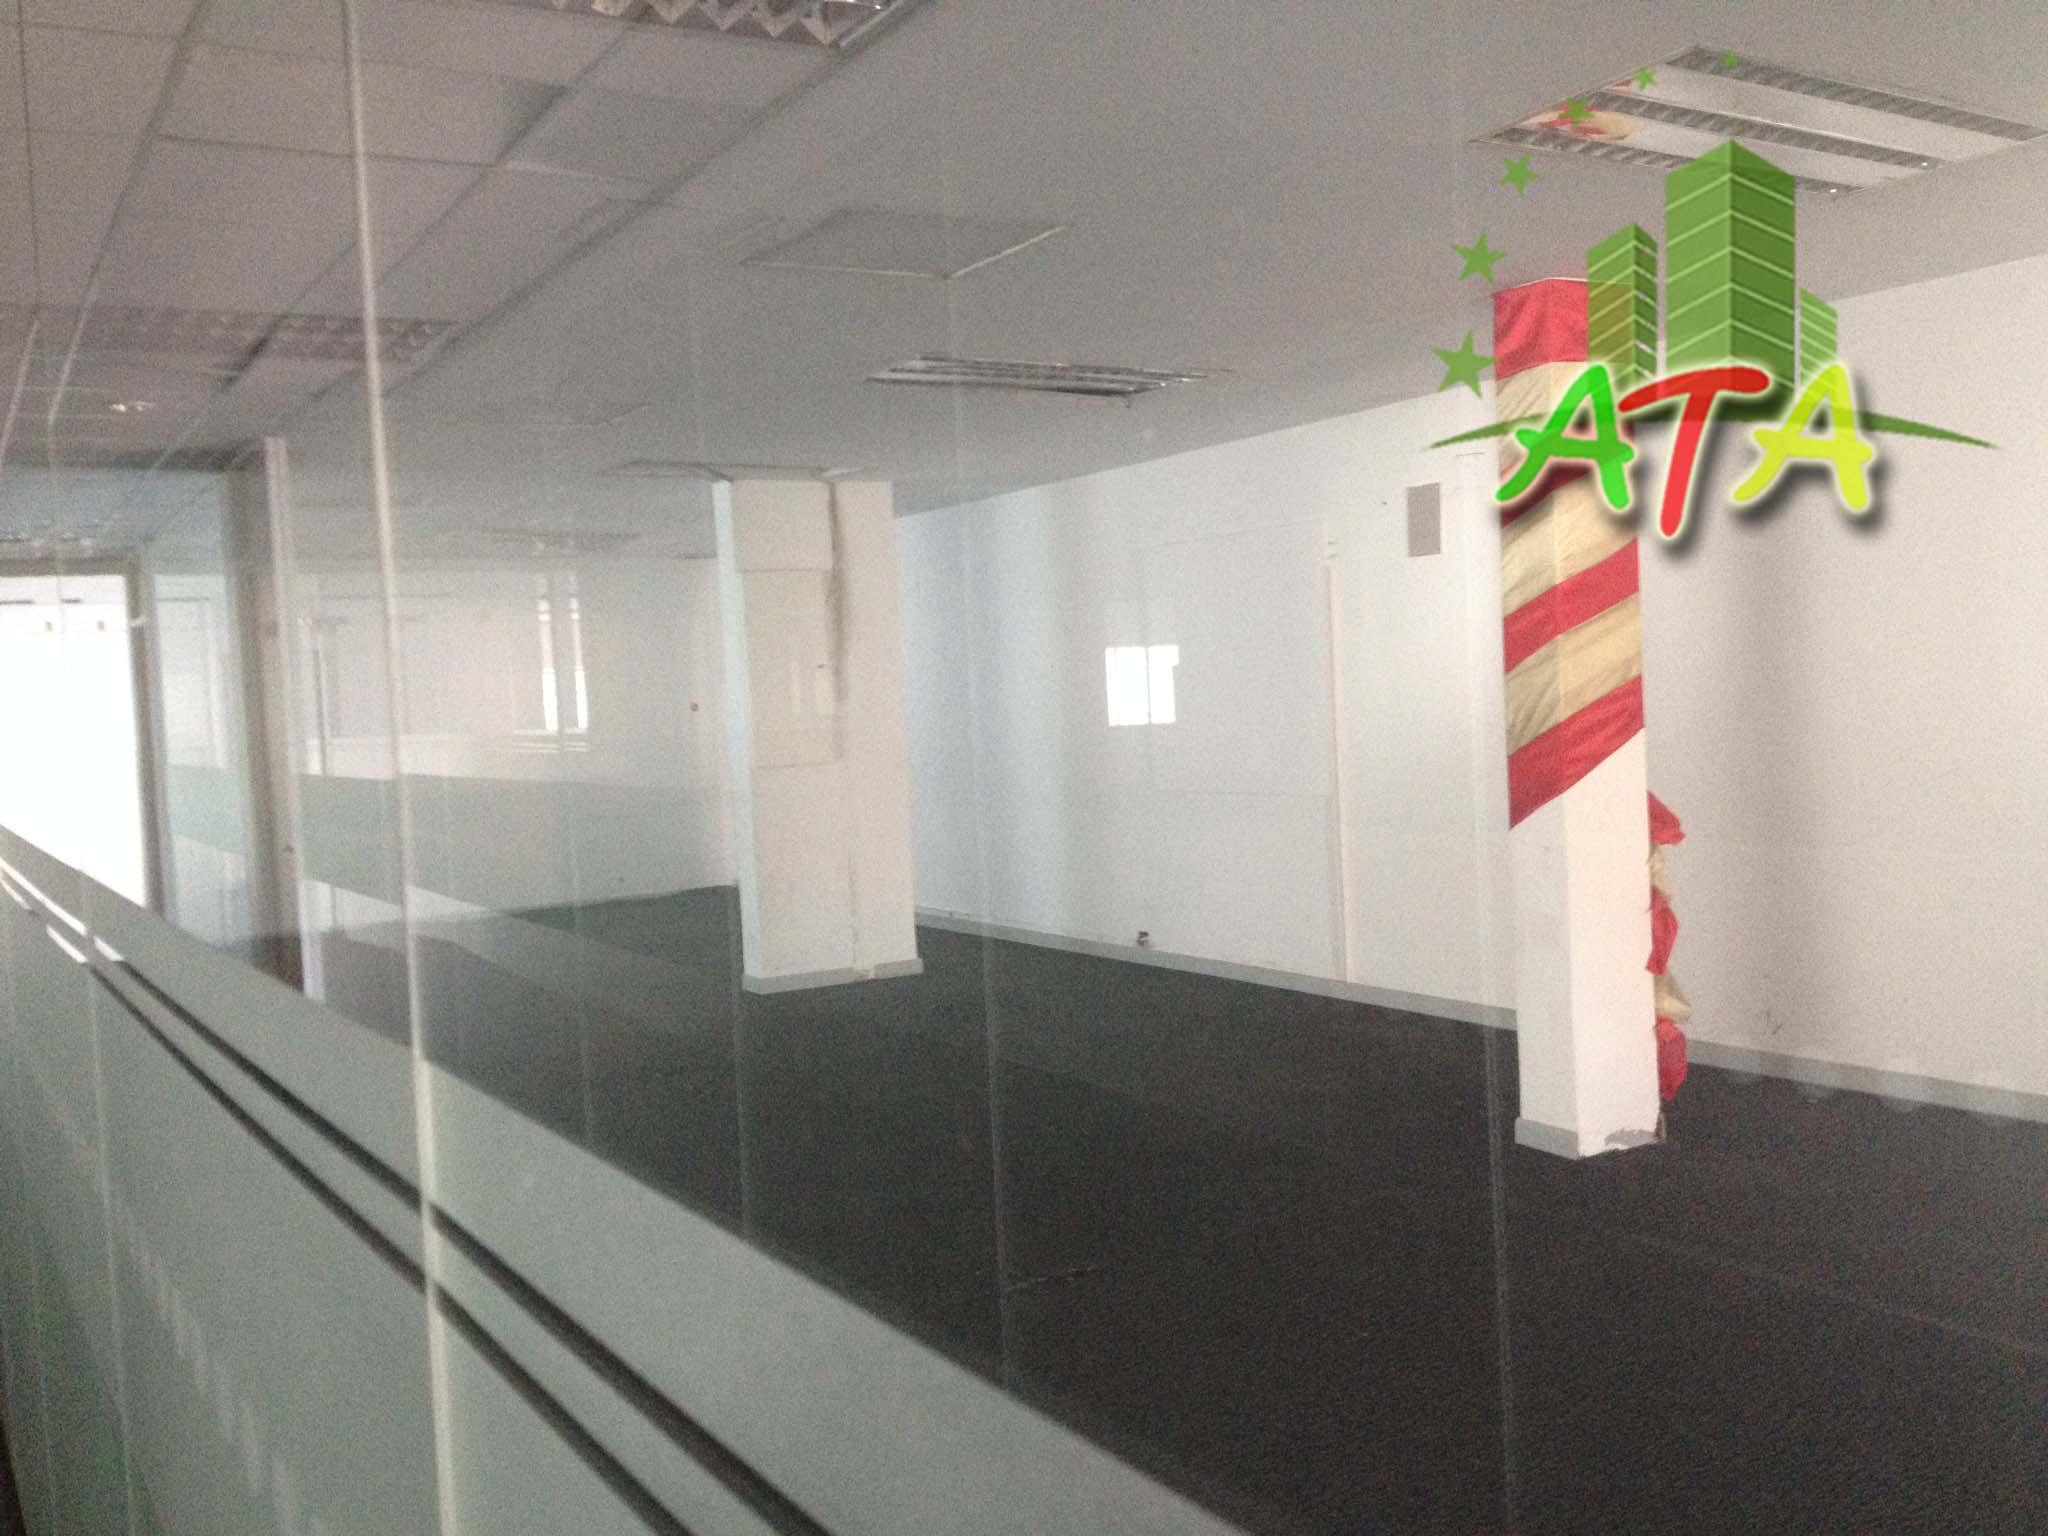 kho và văn phòng cho thuê quận Tân Bình, sân bay Tân Sơn Nhất, đường Trường Sơn, đường Trần Quốc Hoàn, Cộng Hòa, Etown, 3100 m2